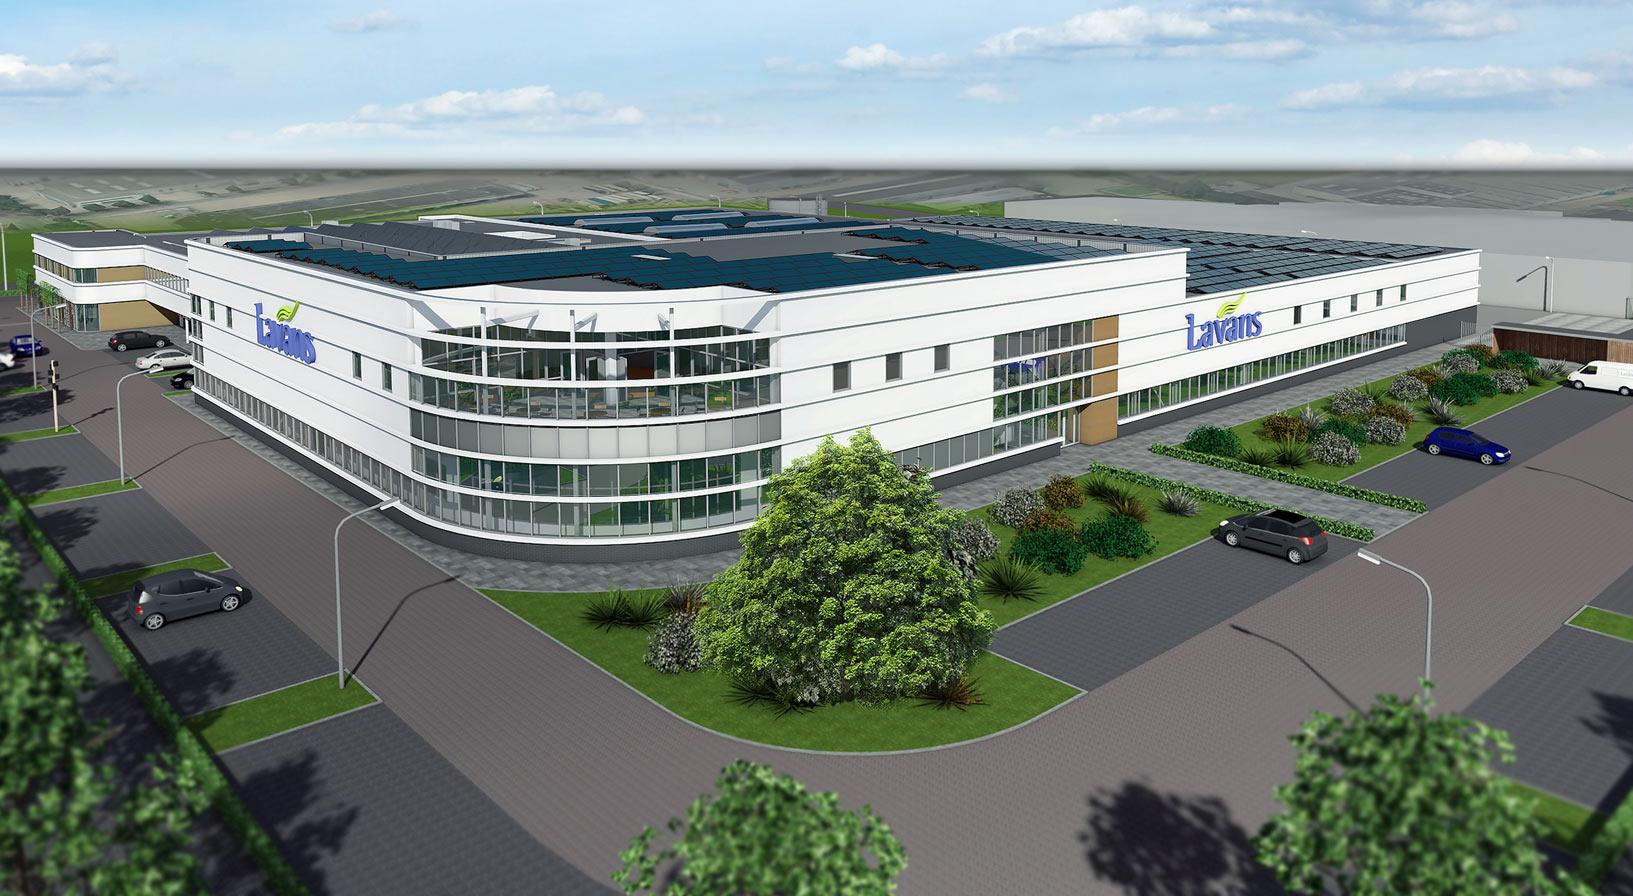 Breeam Outstanding gebouw Lavans industriele wasserij hebben we opgeleverd!